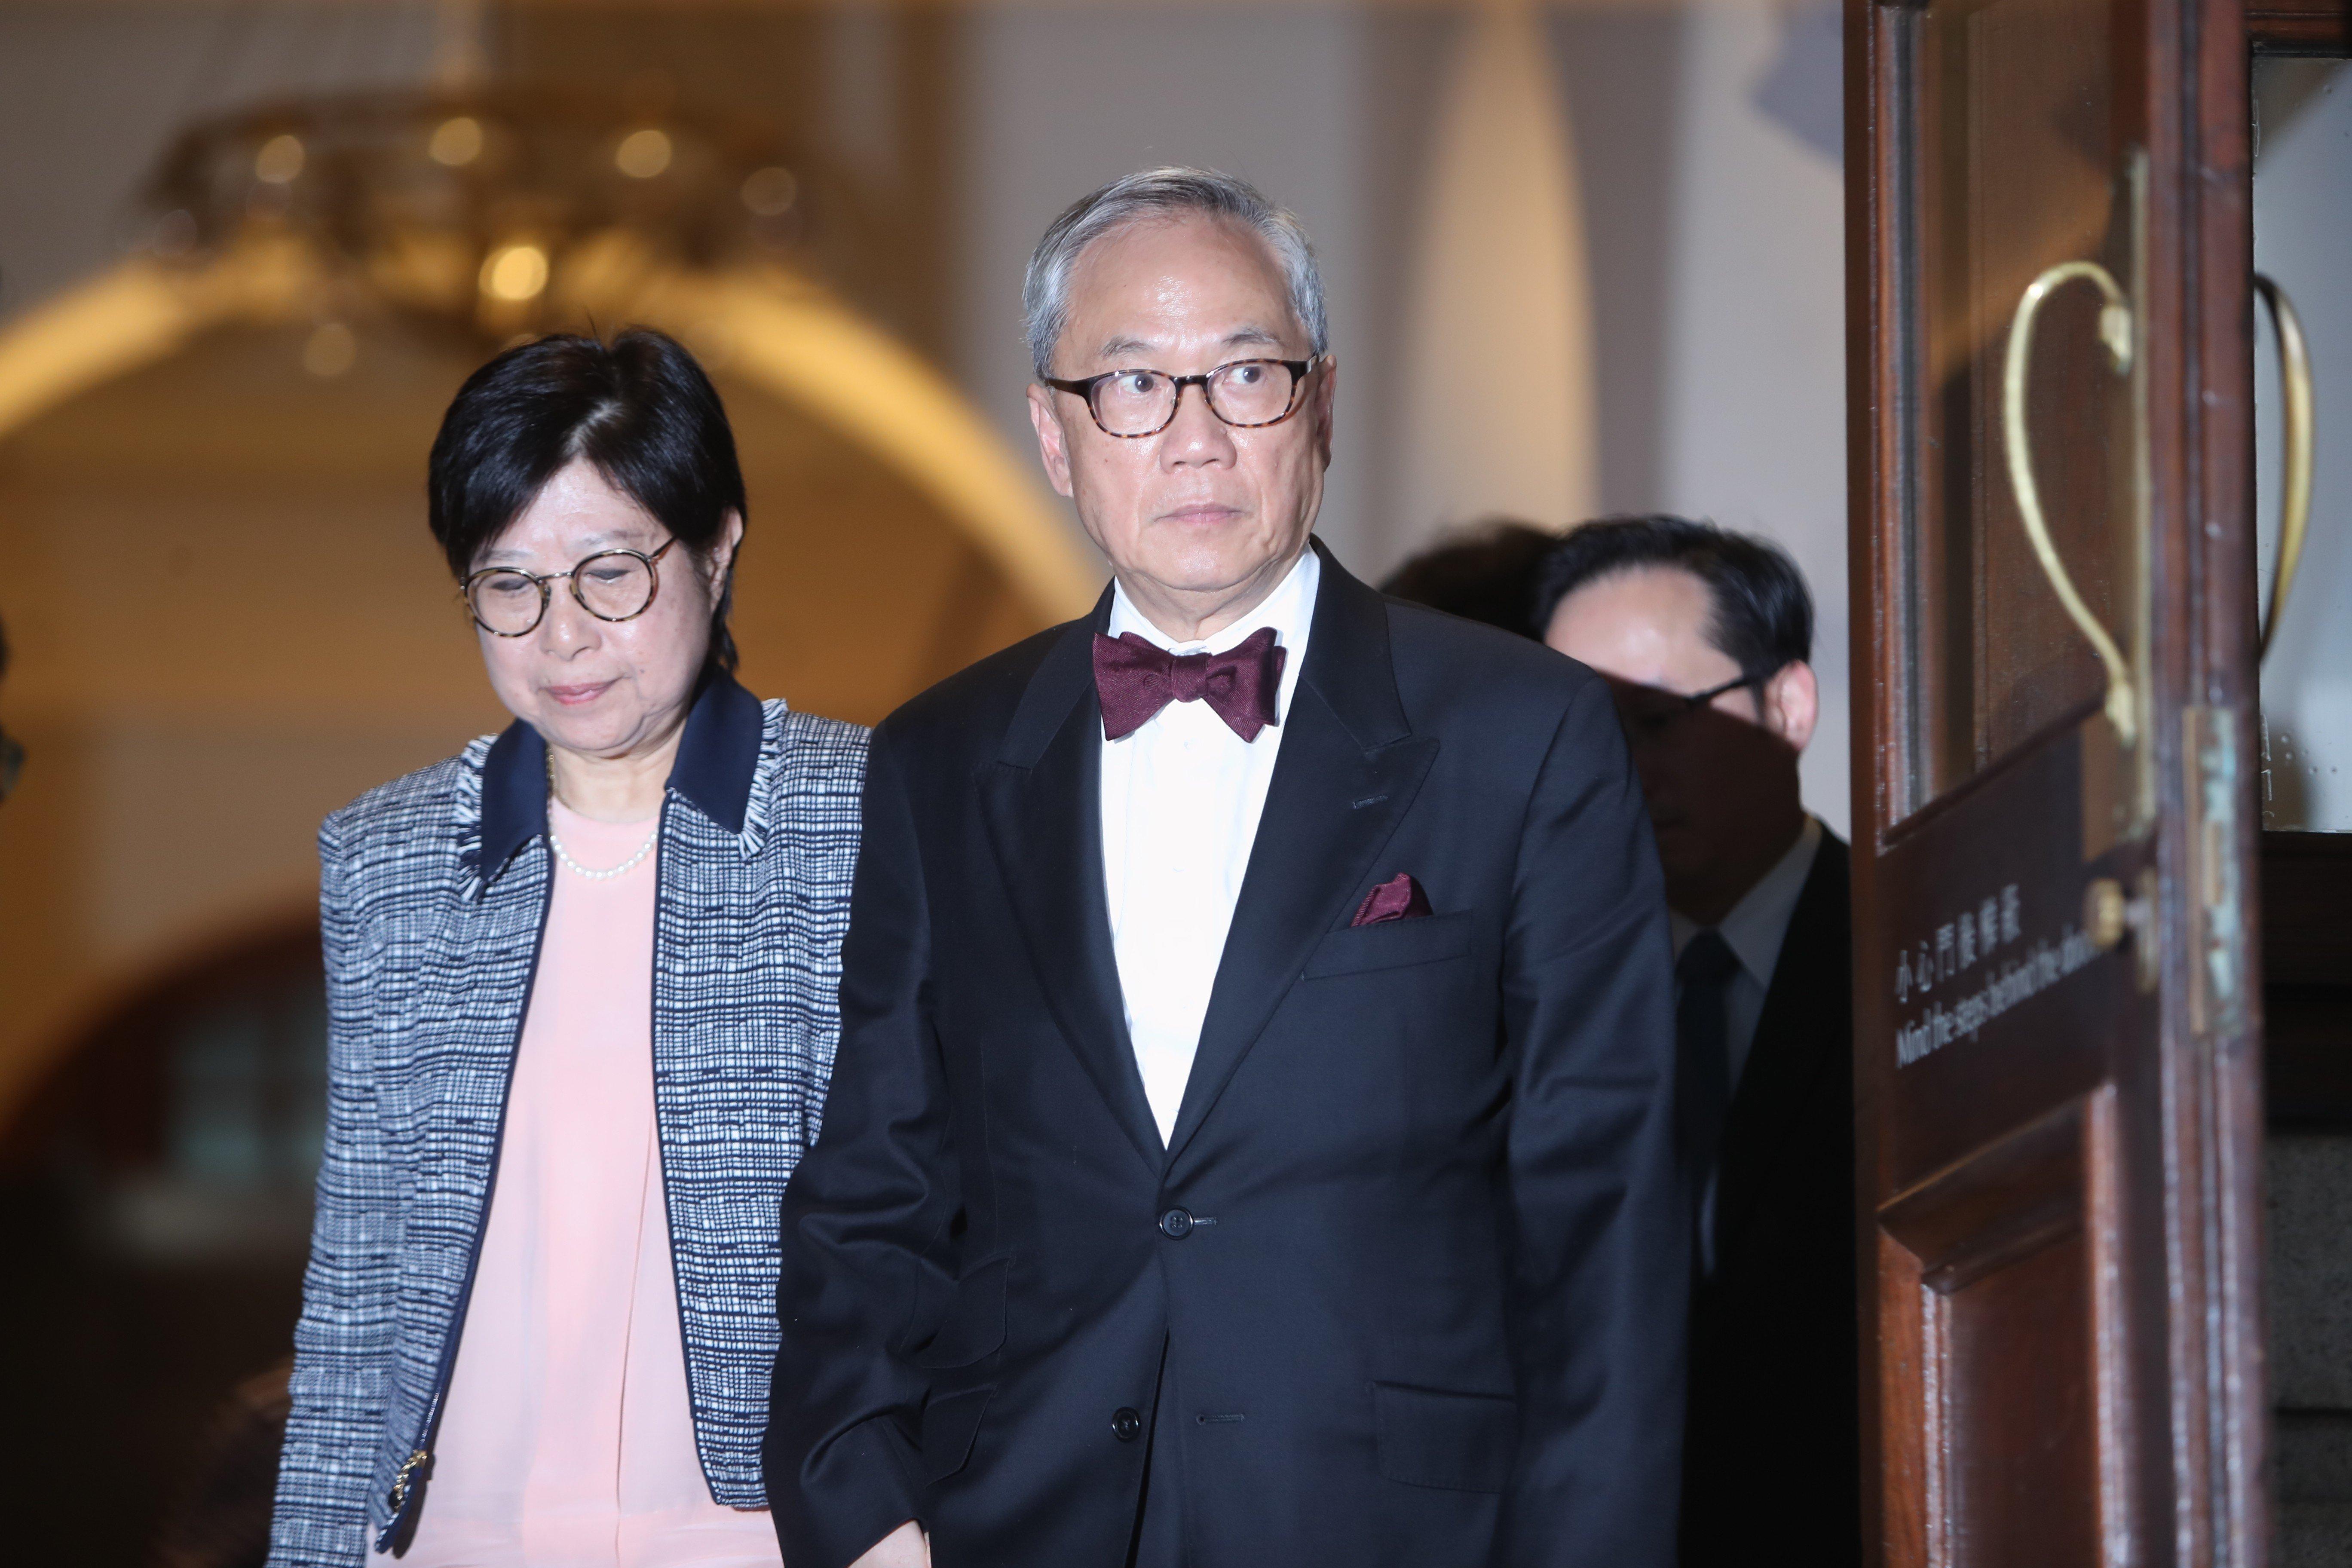 Former Hong Kong chief executive Donald Tsang has charges of